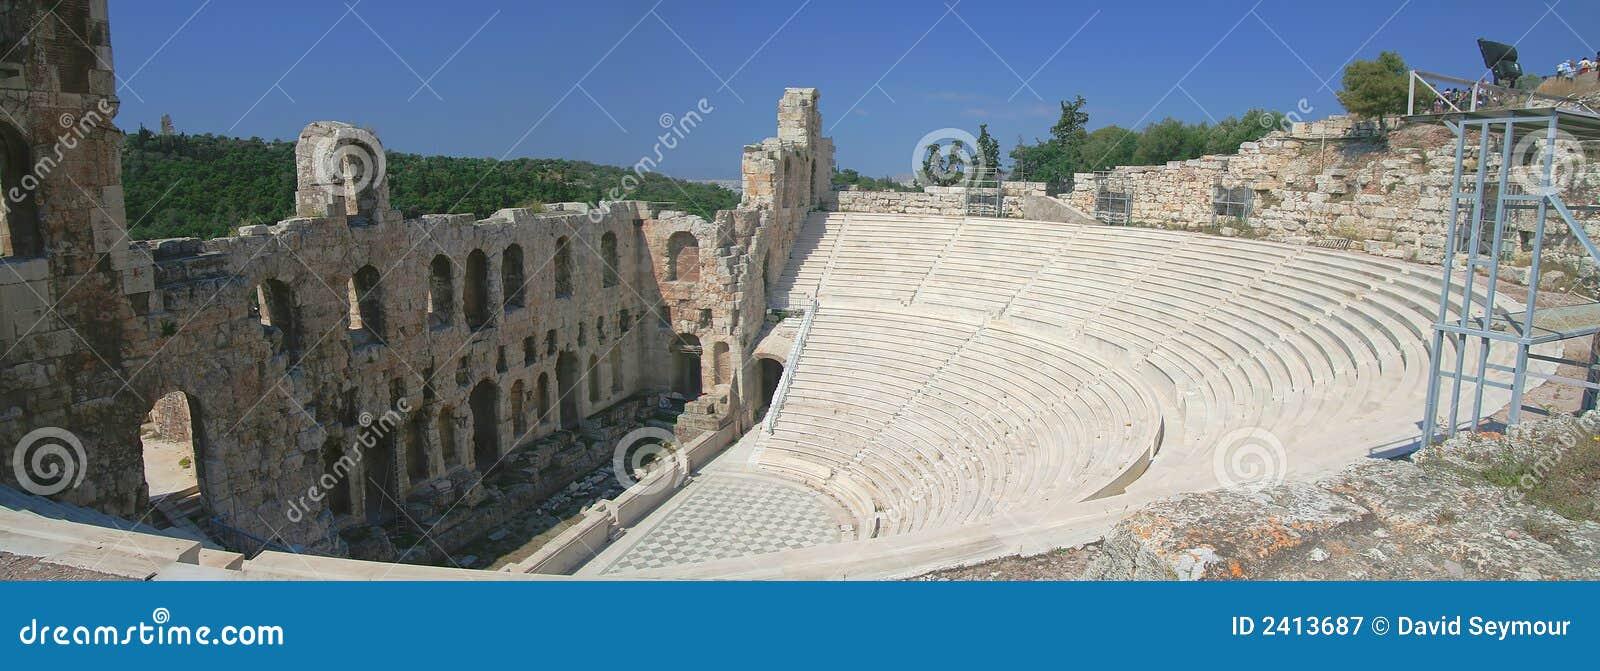 Amphithéâtre du grec ancien